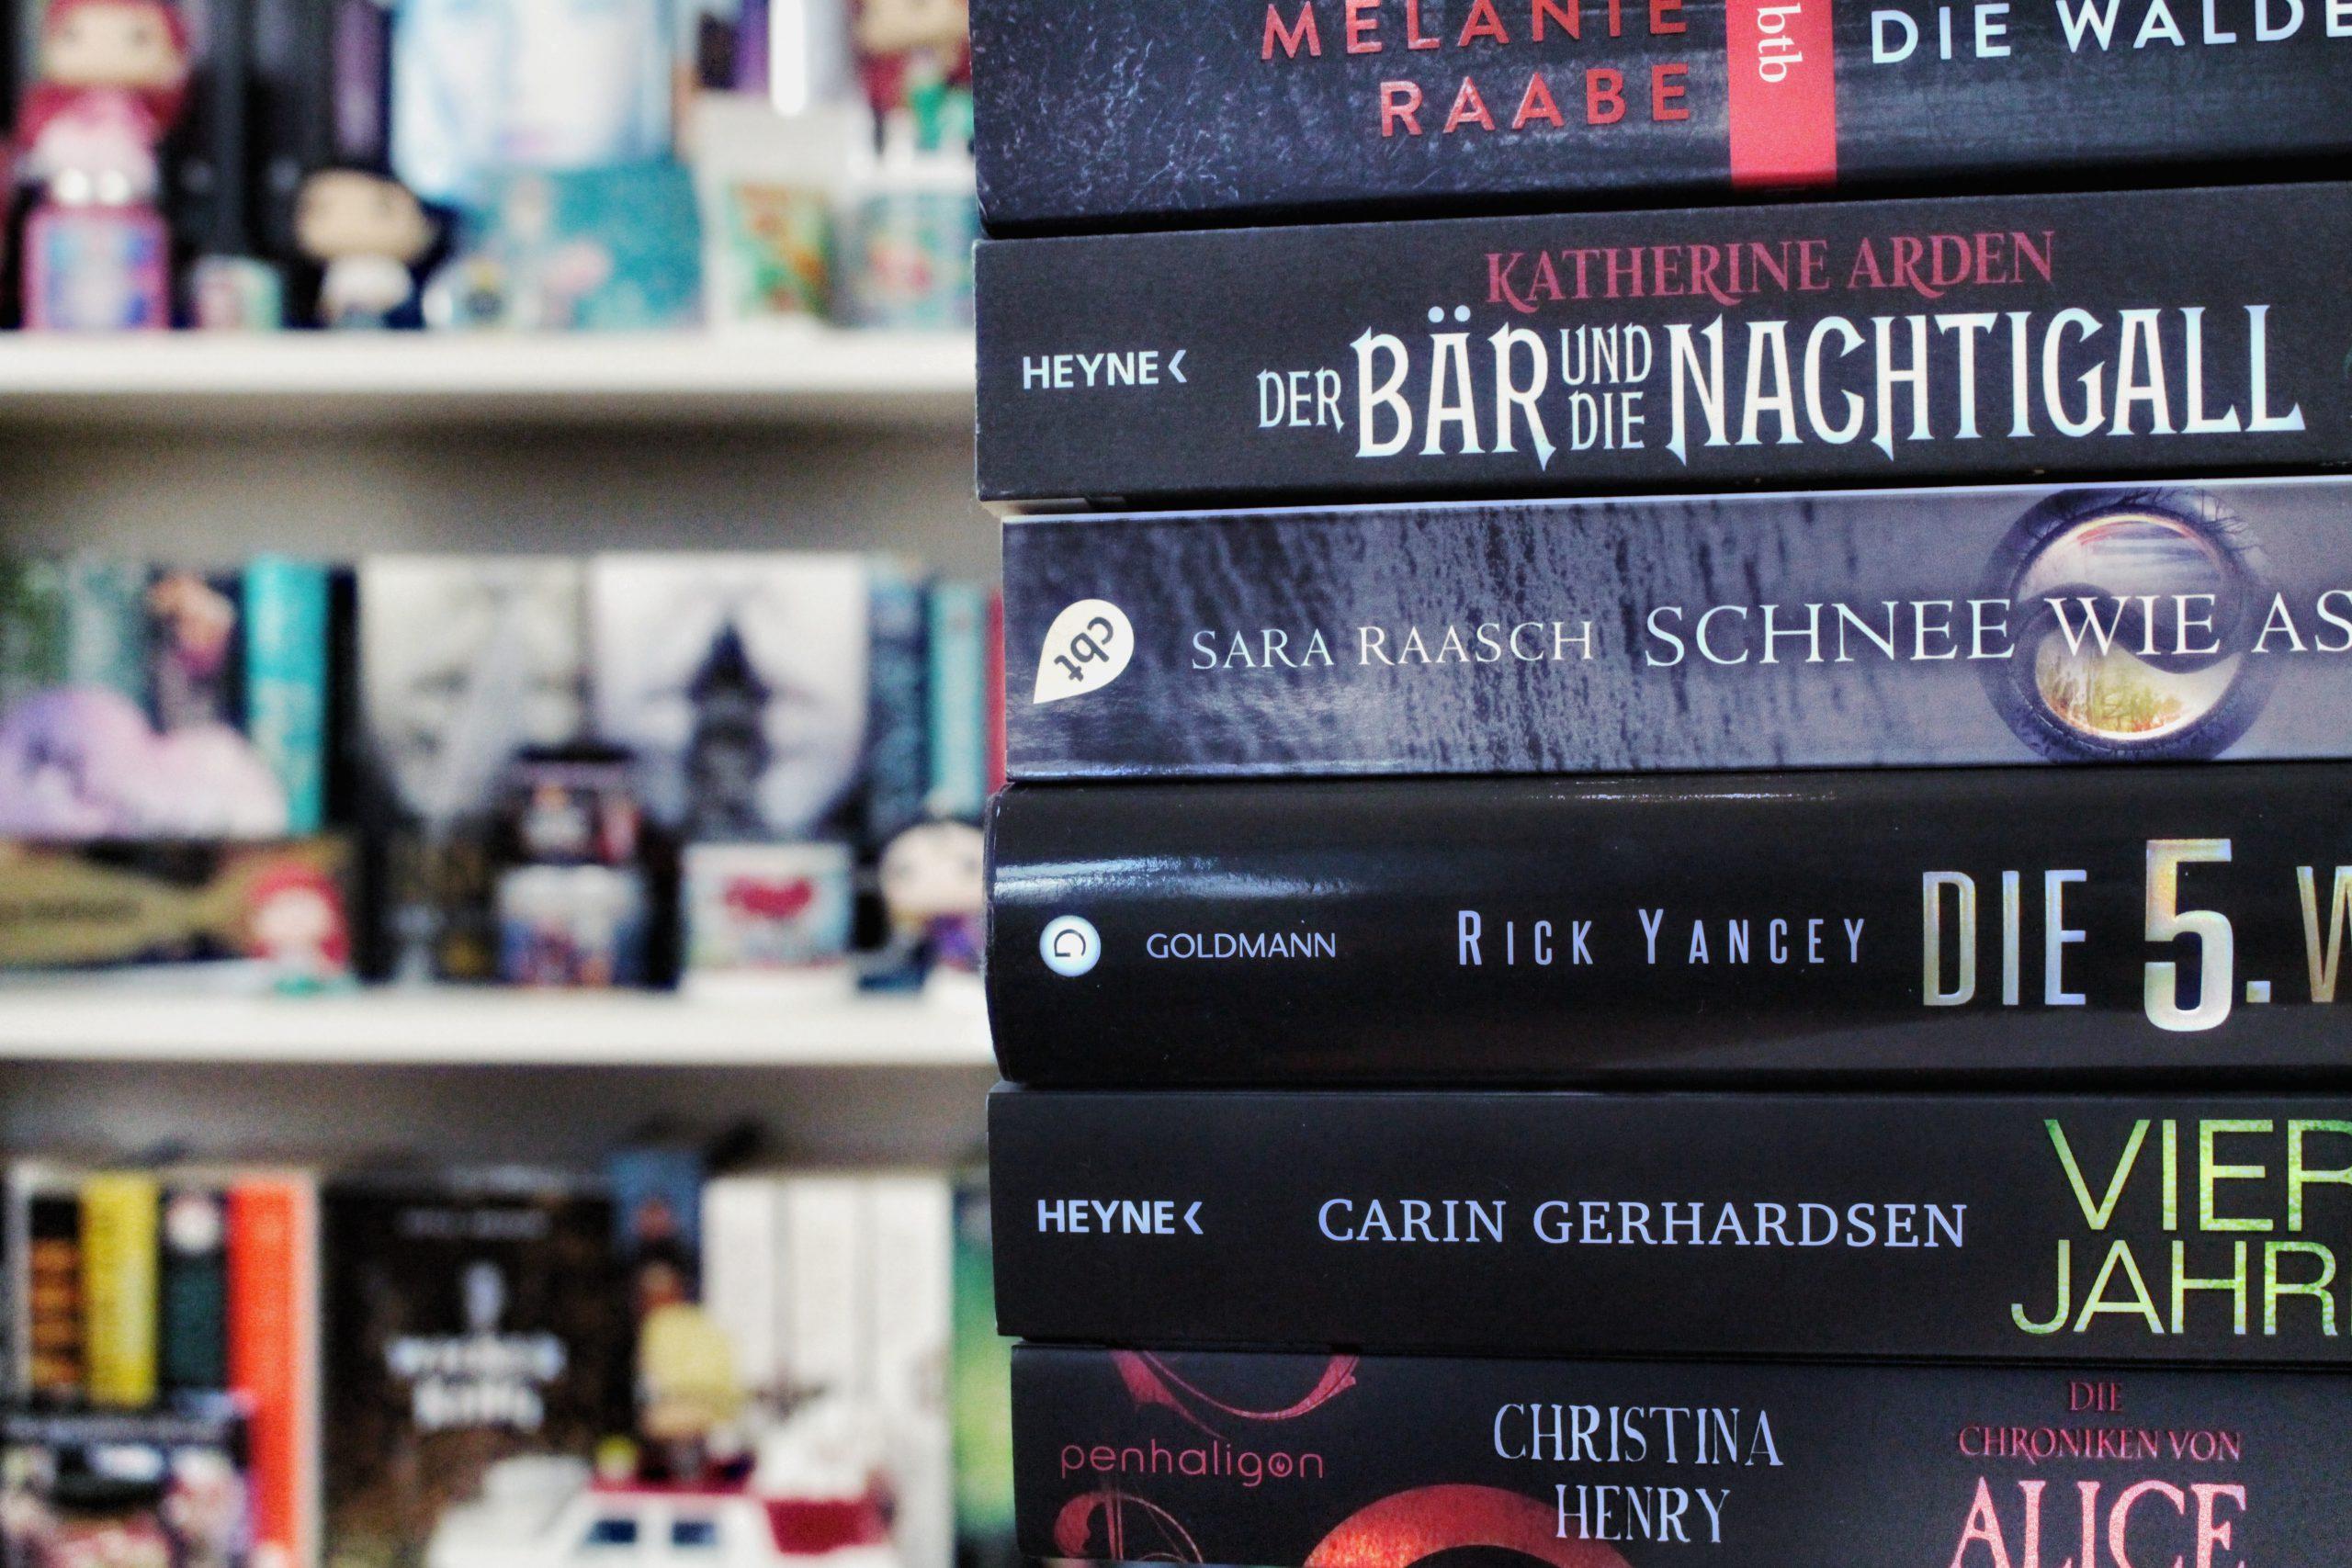 Meine Highlights | Verlagsprogramm Randomhouse